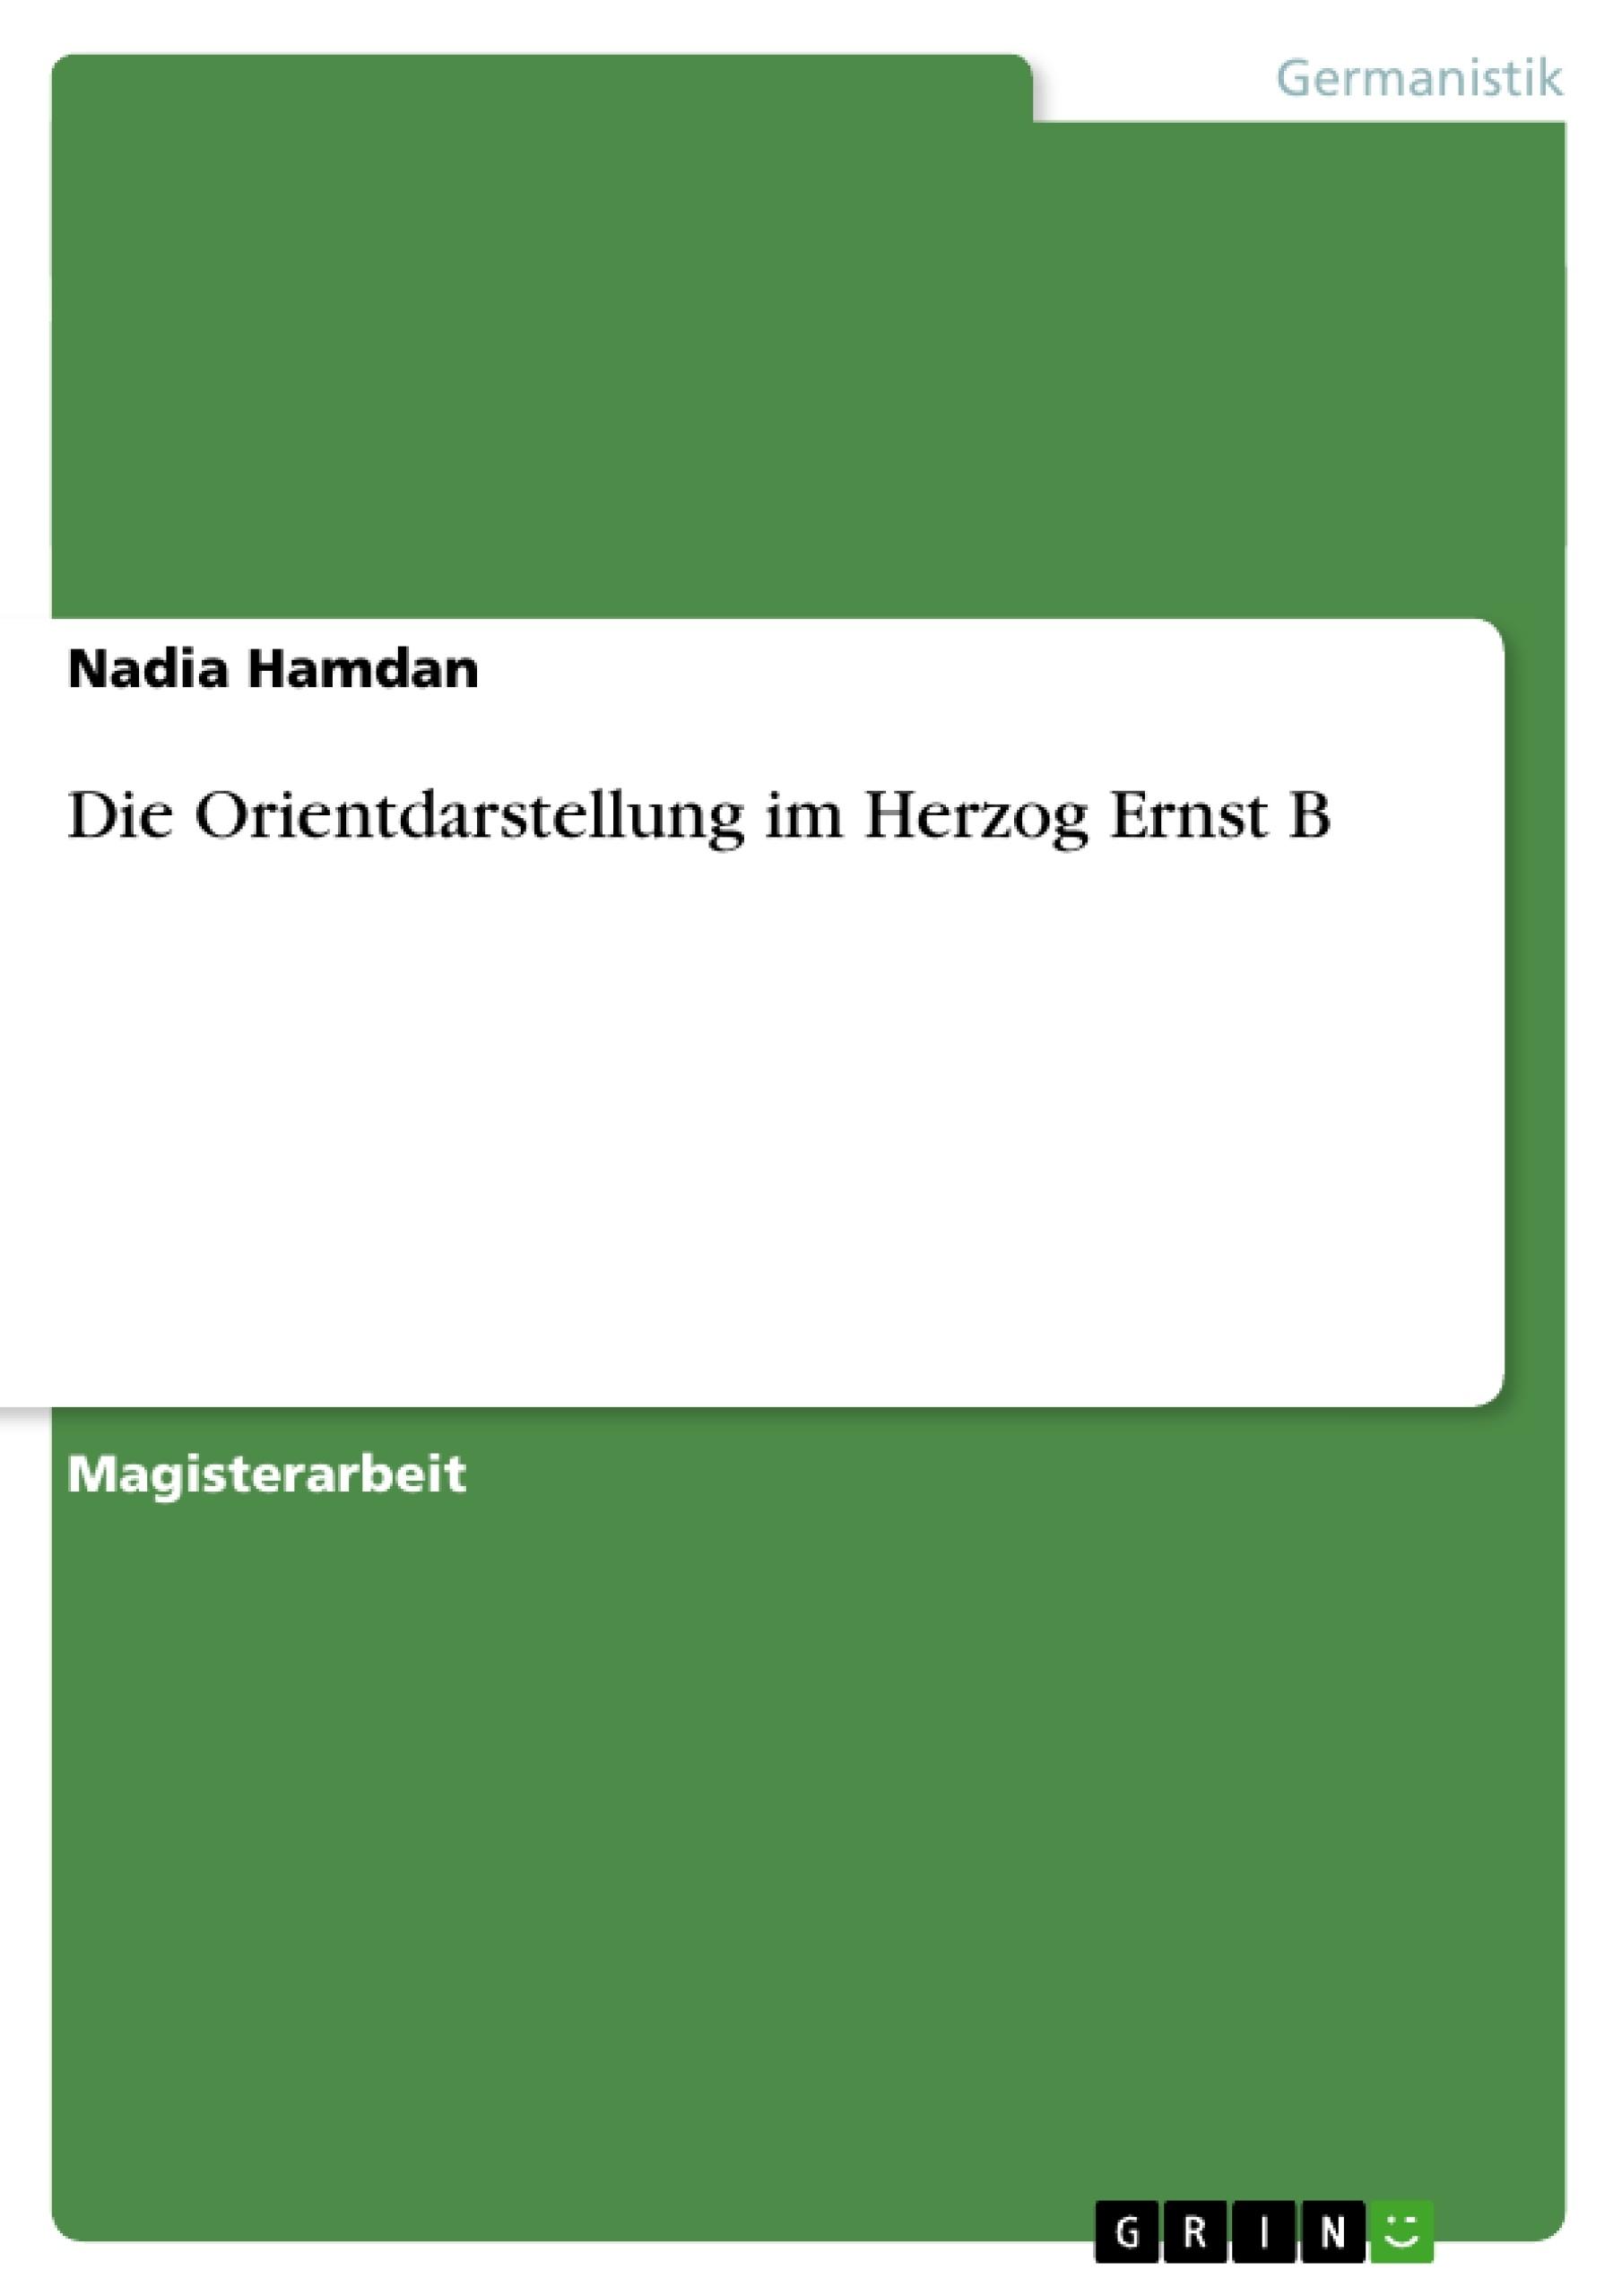 Titel: Die Orientdarstellung im Herzog Ernst B